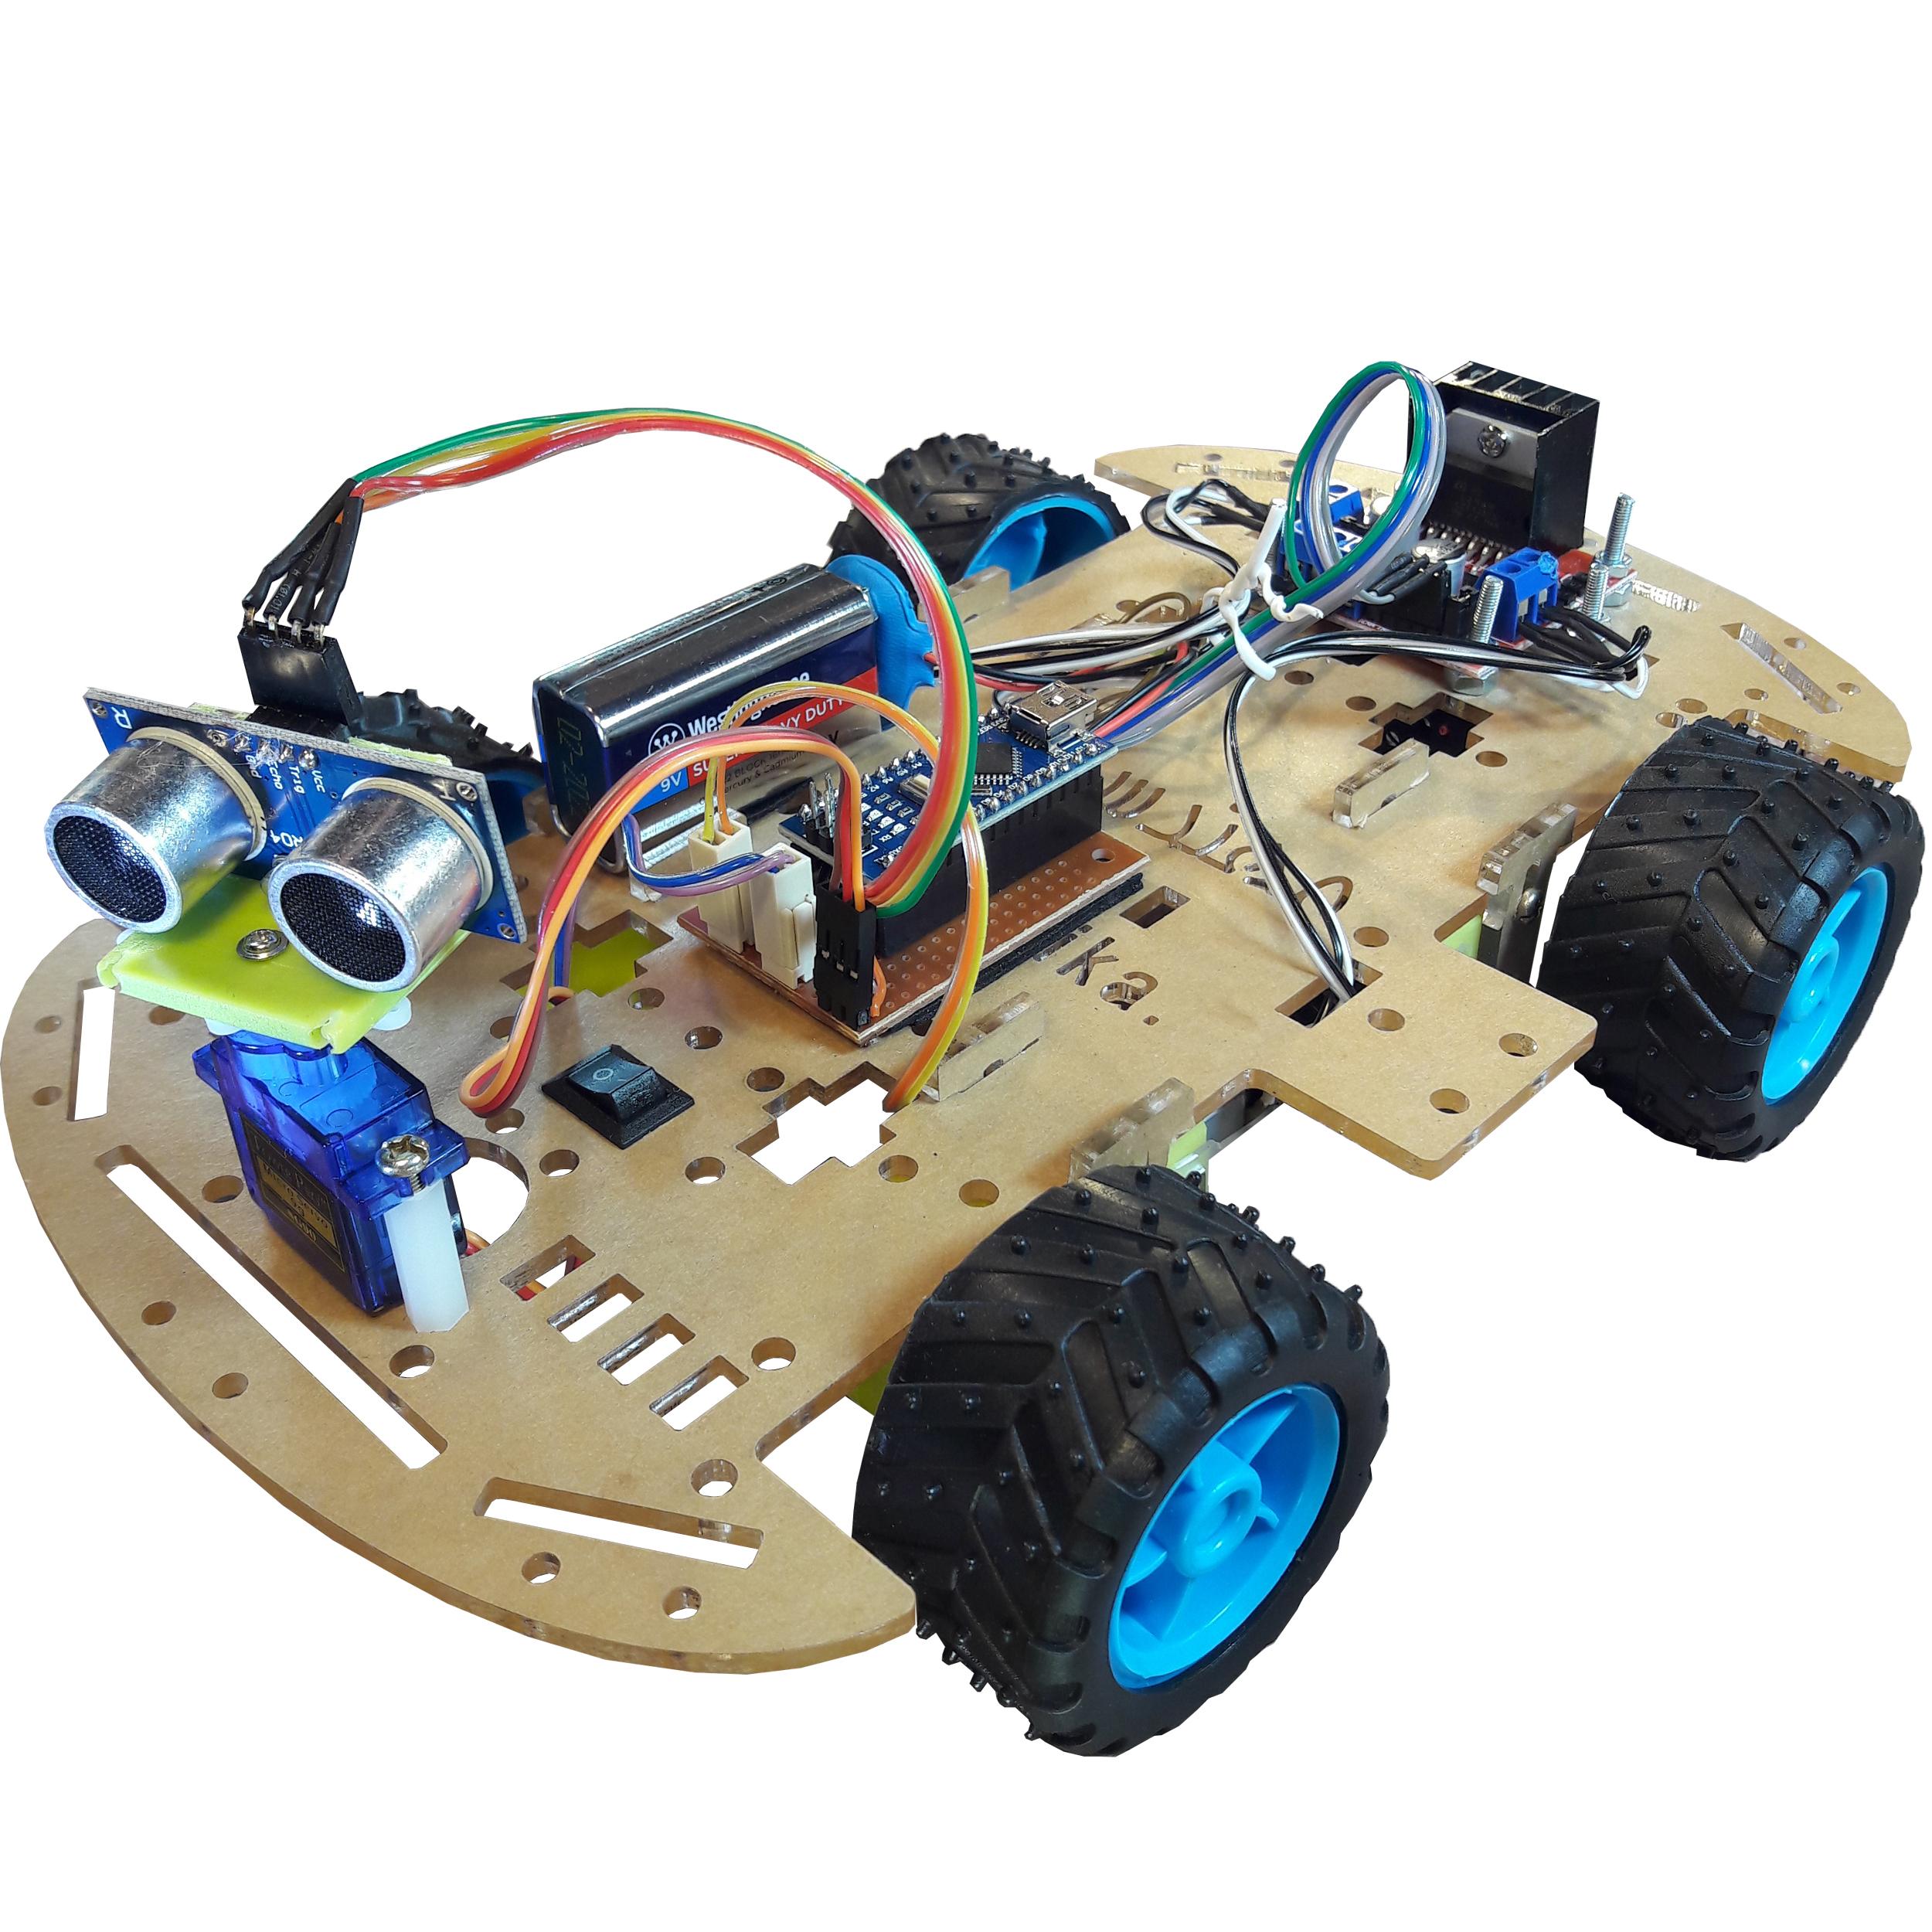 ربات تشخیص مانع مهندسیکا مدل 4W-R4000